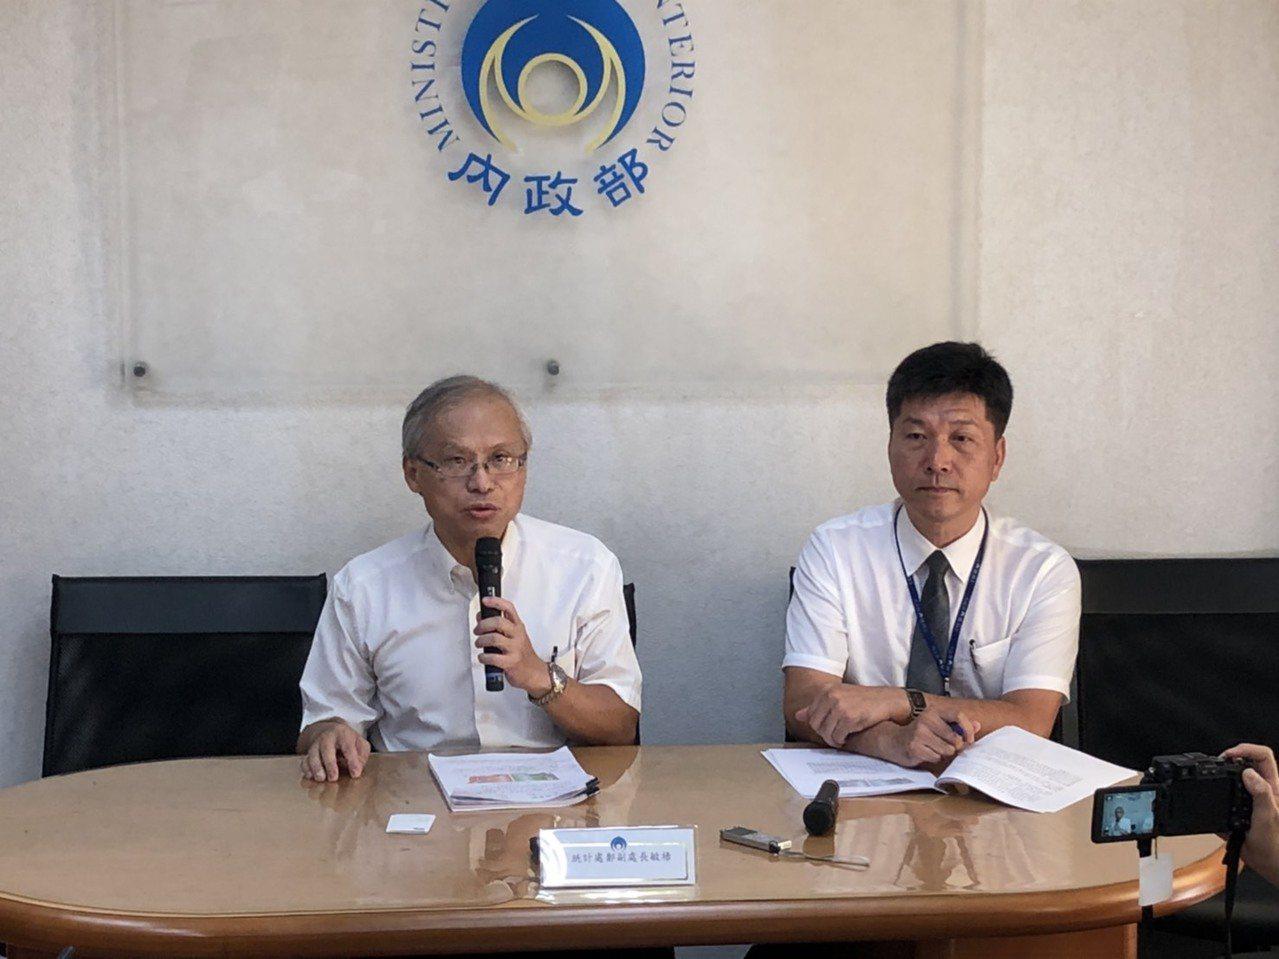 內政部統計處副處長鄭敏祿(左)。記者賴于榛/攝影